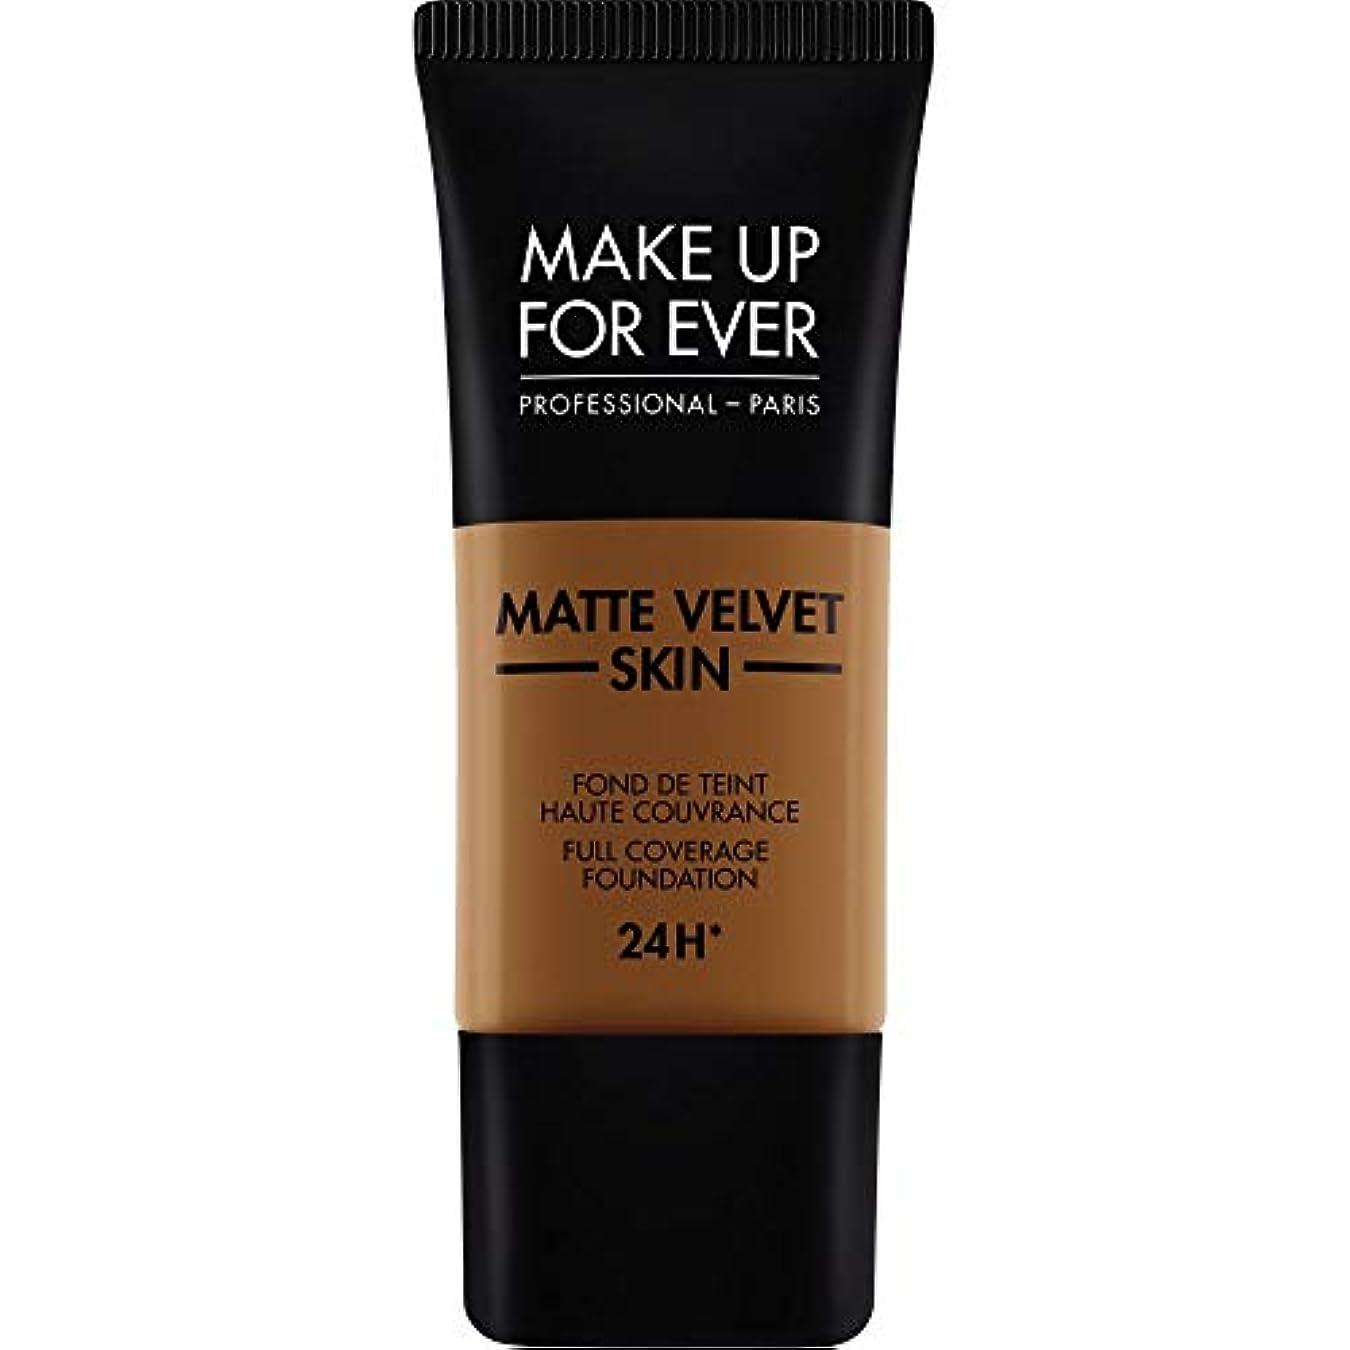 花瓶プライム湿原[MAKE UP FOR EVER] これまでマットベルベットの皮膚のフルカバレッジ基礎30ミリリットルのR530を補う - ブラウン - MAKE UP FOR EVER Matte Velvet Skin Full...